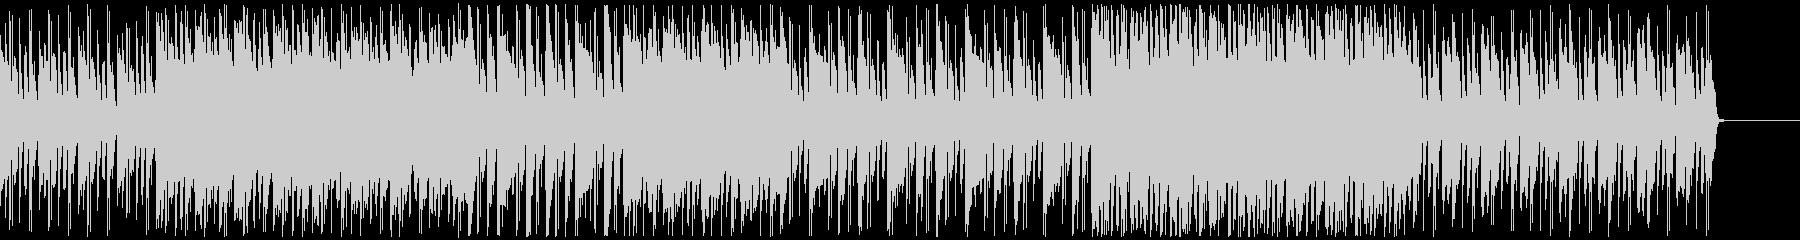 クールなゲーム曲/シンセサイザーの未再生の波形